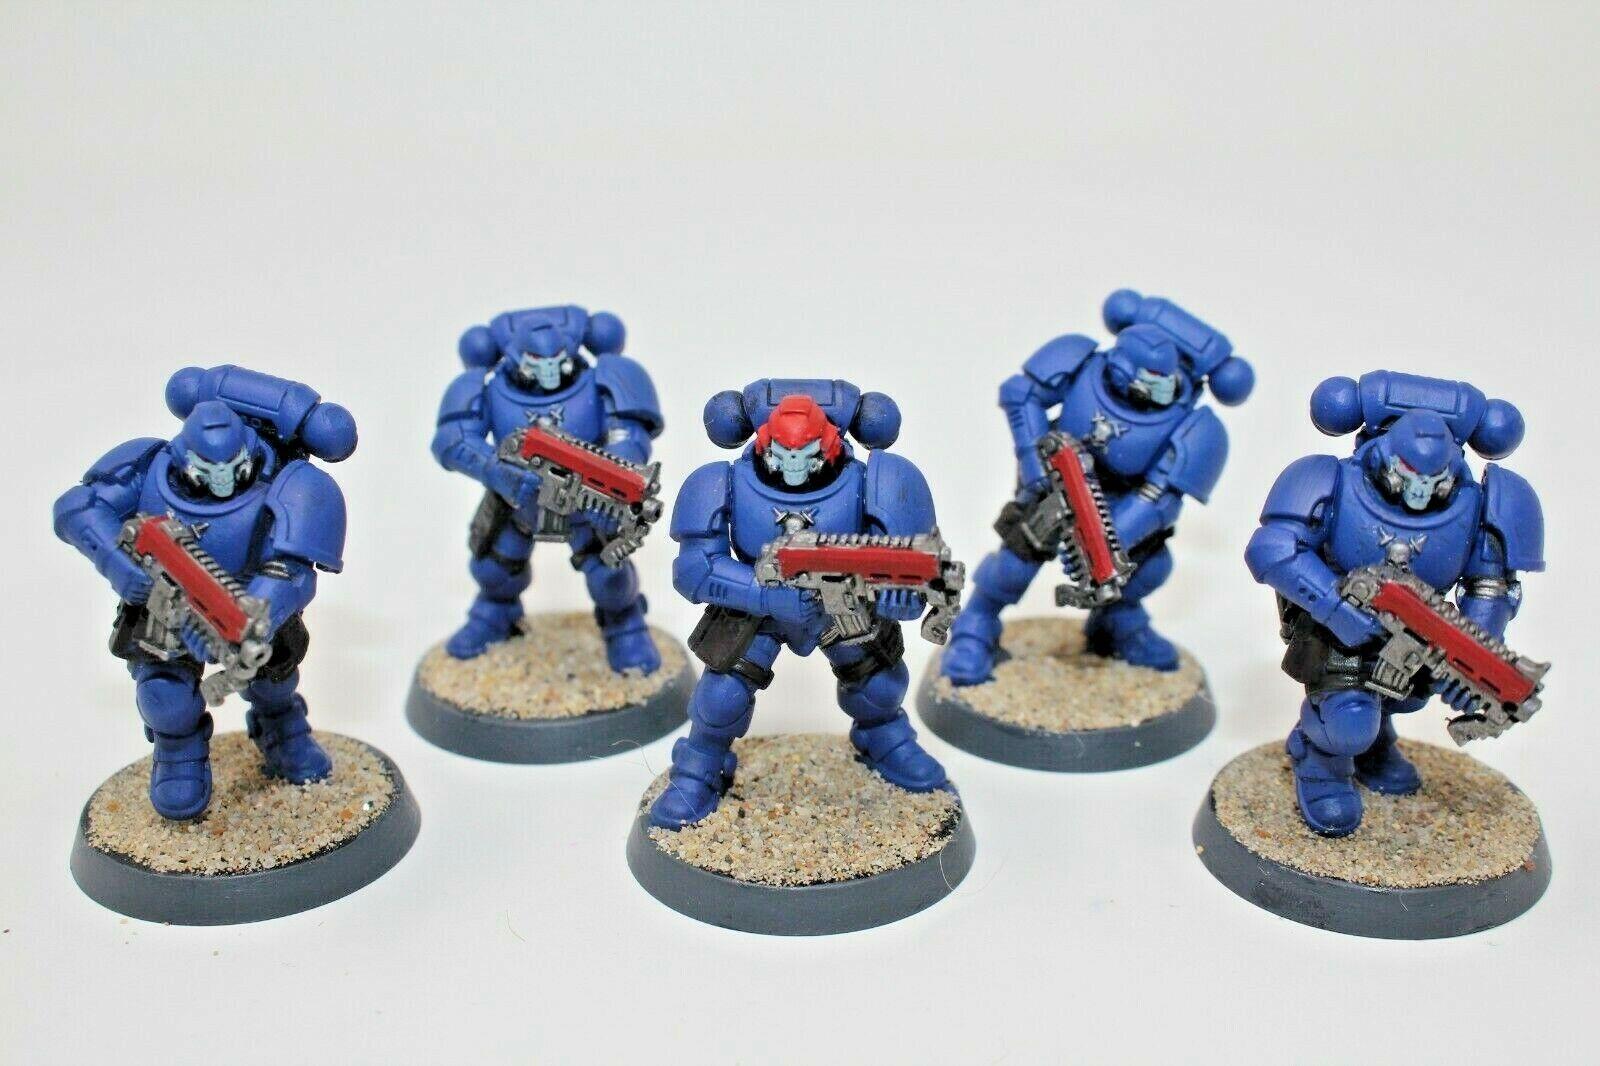 Warhammer Space Marines Primaris Reivers Well Painted - JYS91